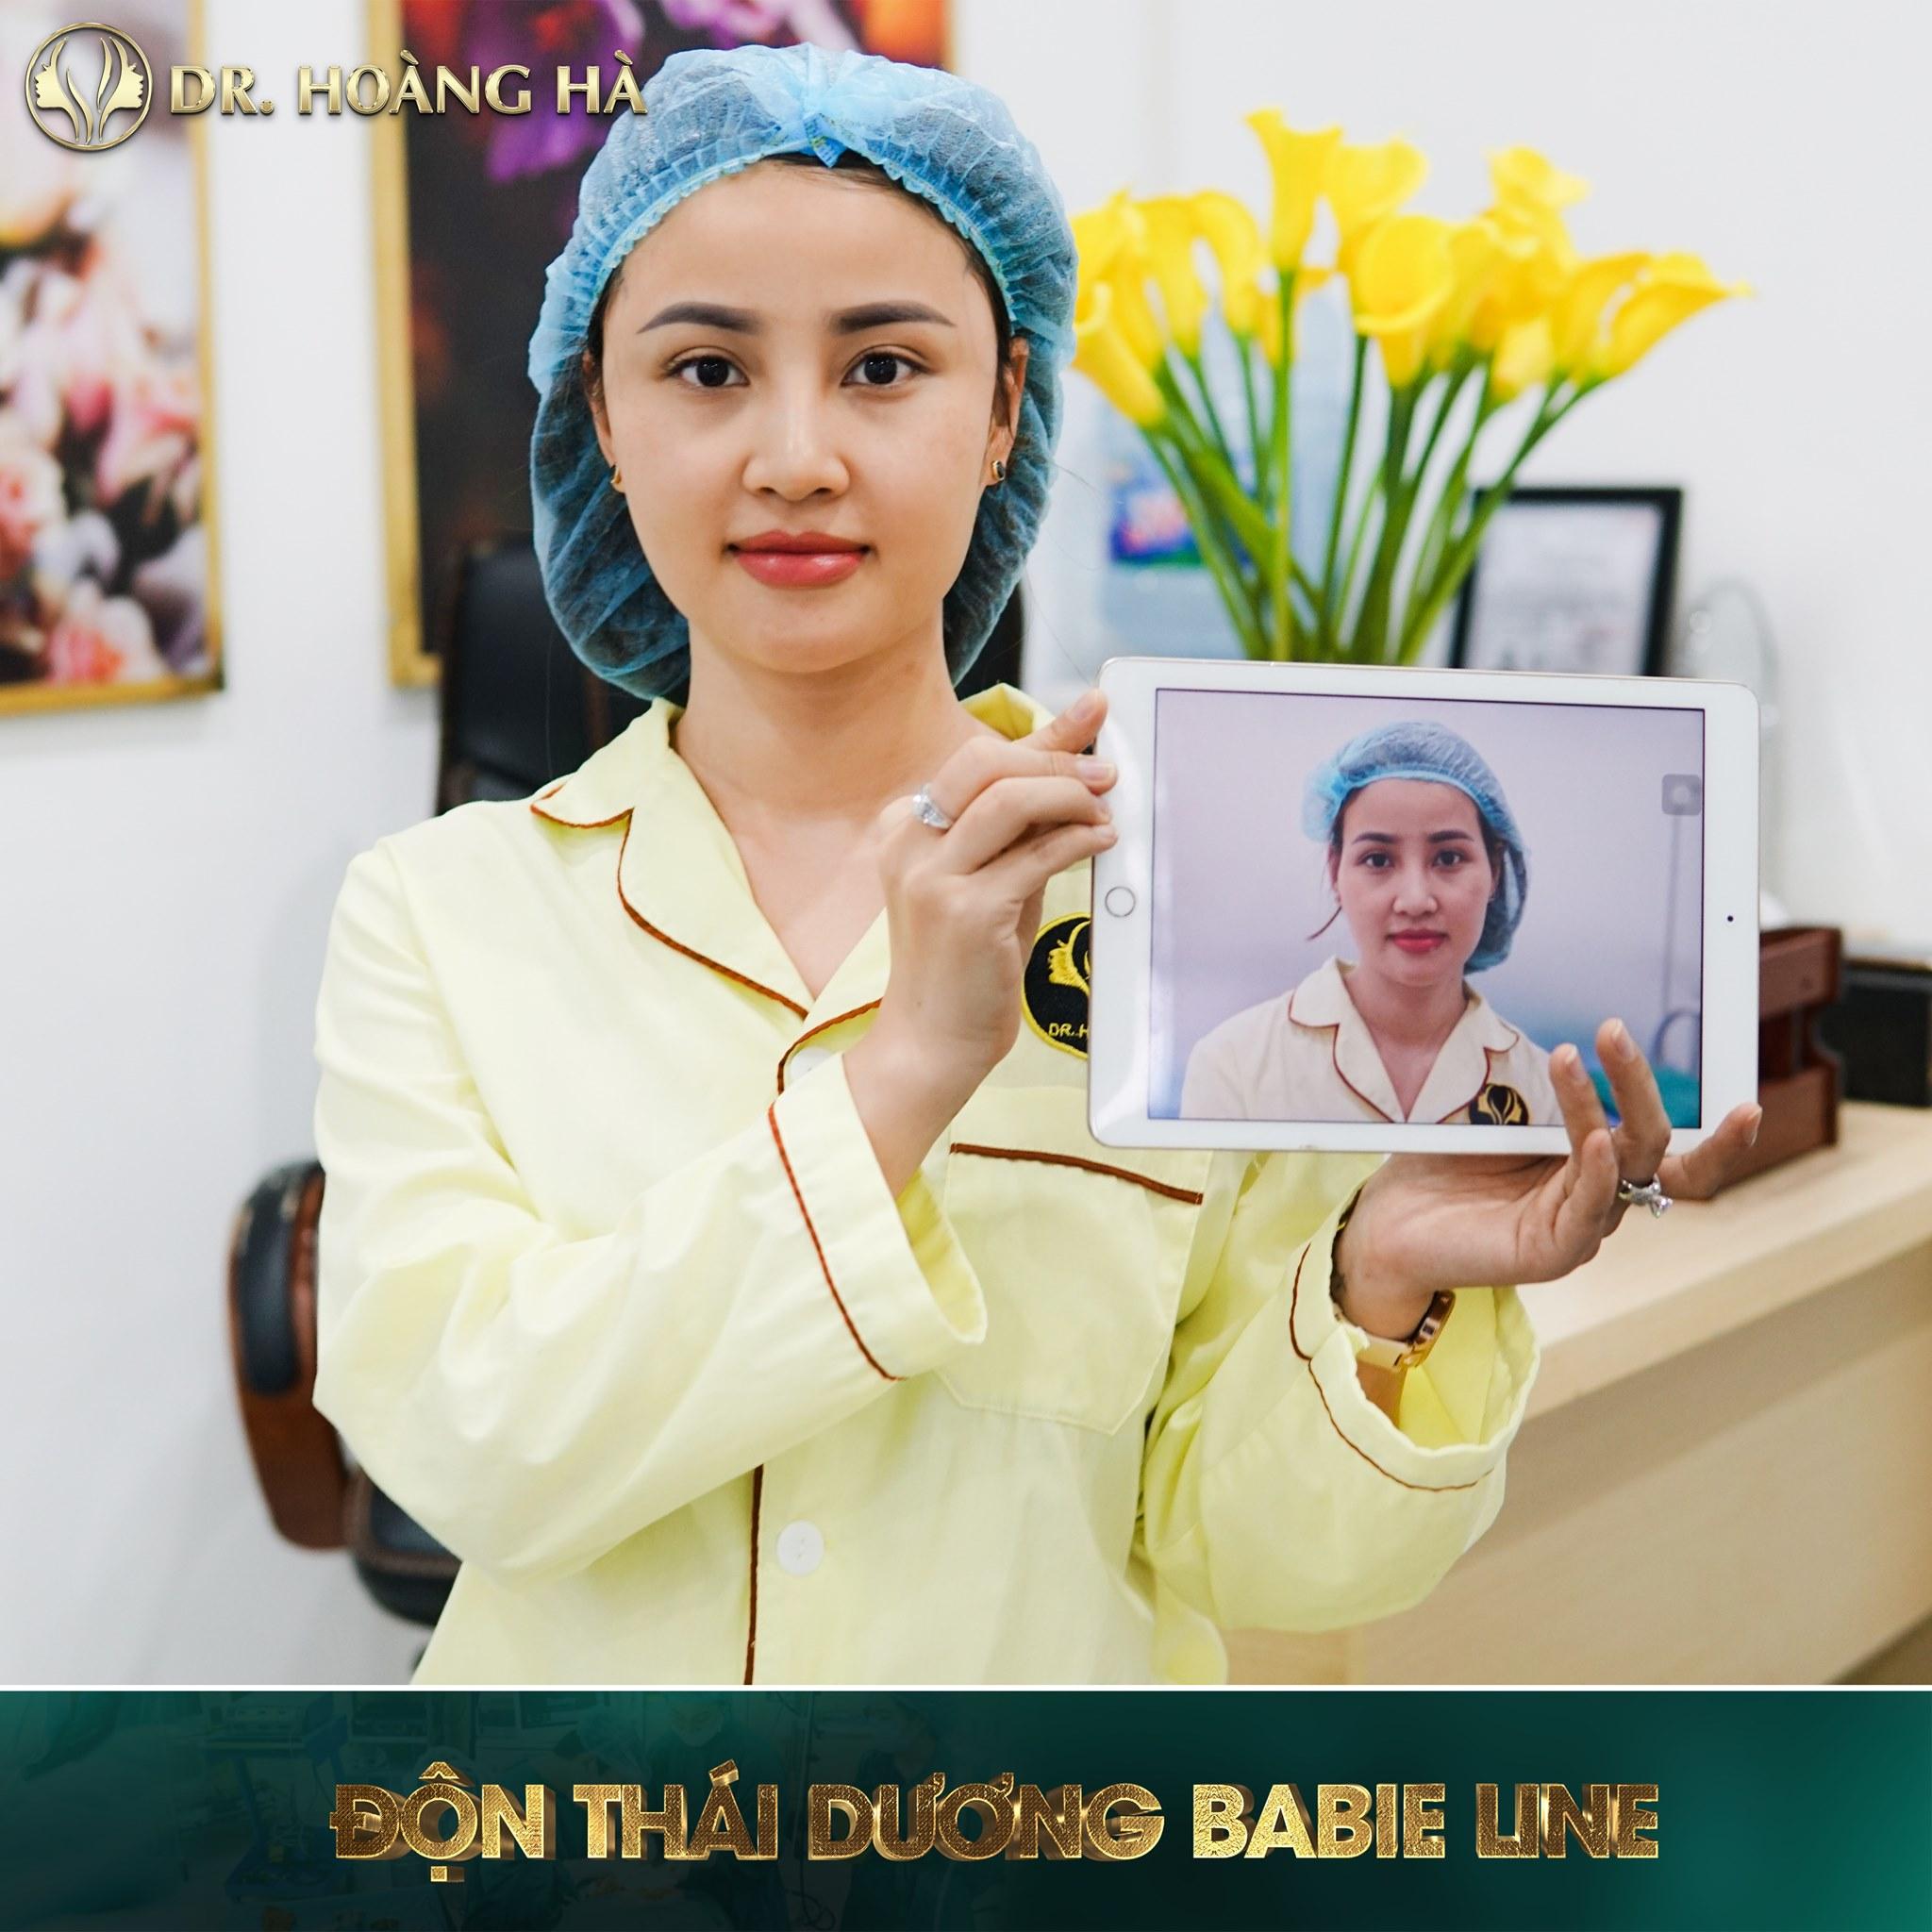 Bạn trông sẽ trẻ hơn cả 10 tuổi khi thực hiện độn thái dương tại Dr Hoàng Hà